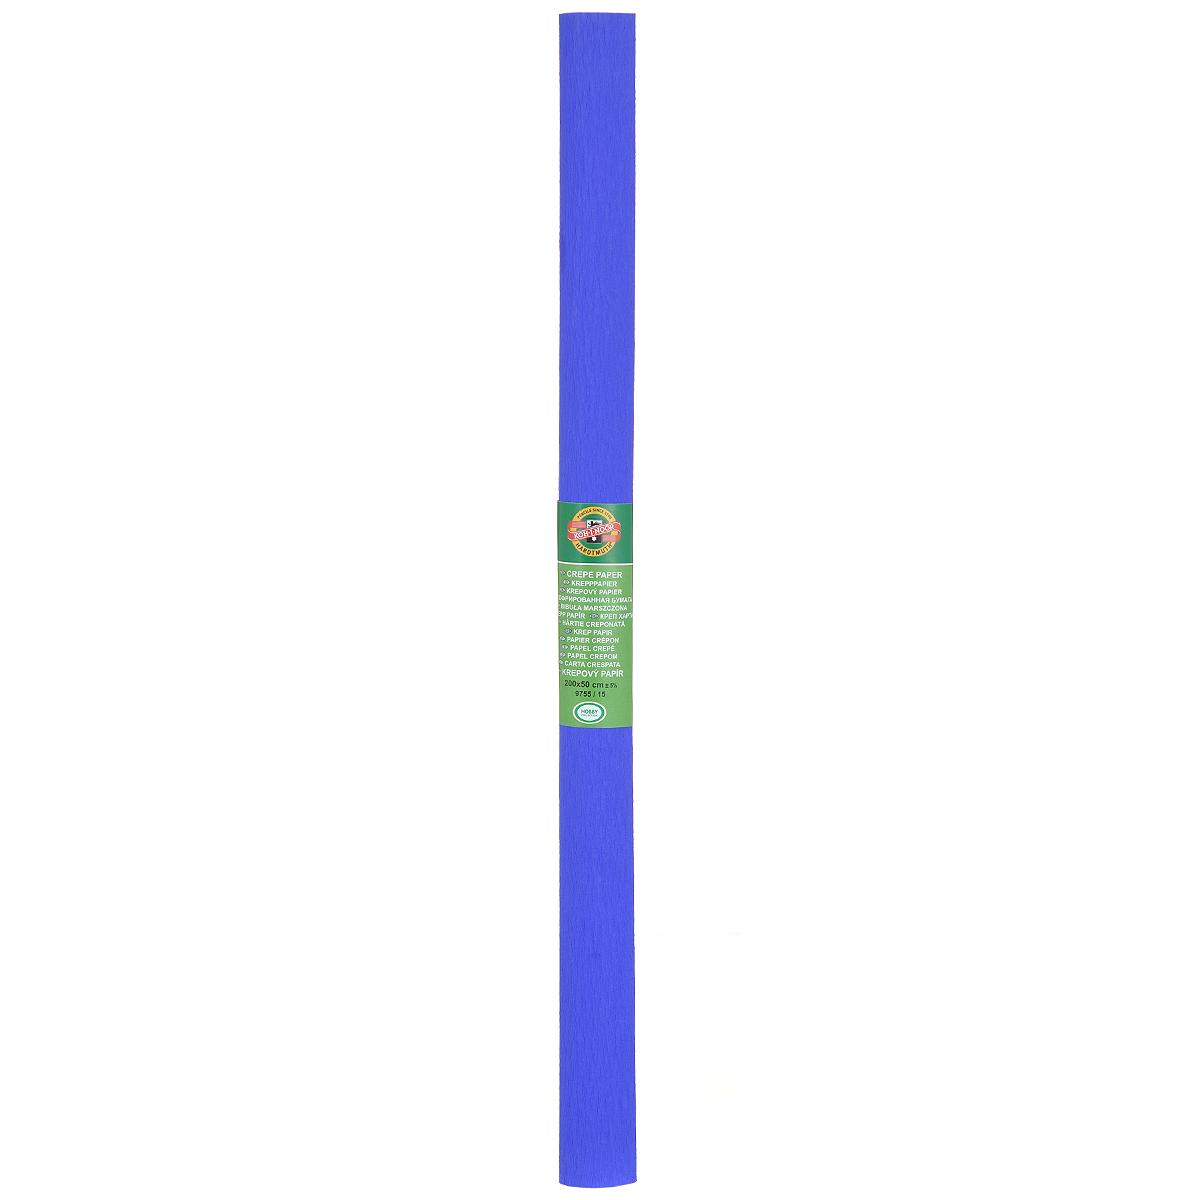 Бумага крепированная Koh-I-Noor, цвет: синий, 50 см x 2 м55052Крепированная бумага Koh-I-Noor - прекрасный материал для декорирования, изготовления эффектной упаковки и различных поделок. Бумага прекрасно держит форму, не пачкает руки, отлично крепится и замечательно подходит для изготовления праздничной упаковки для цветов.